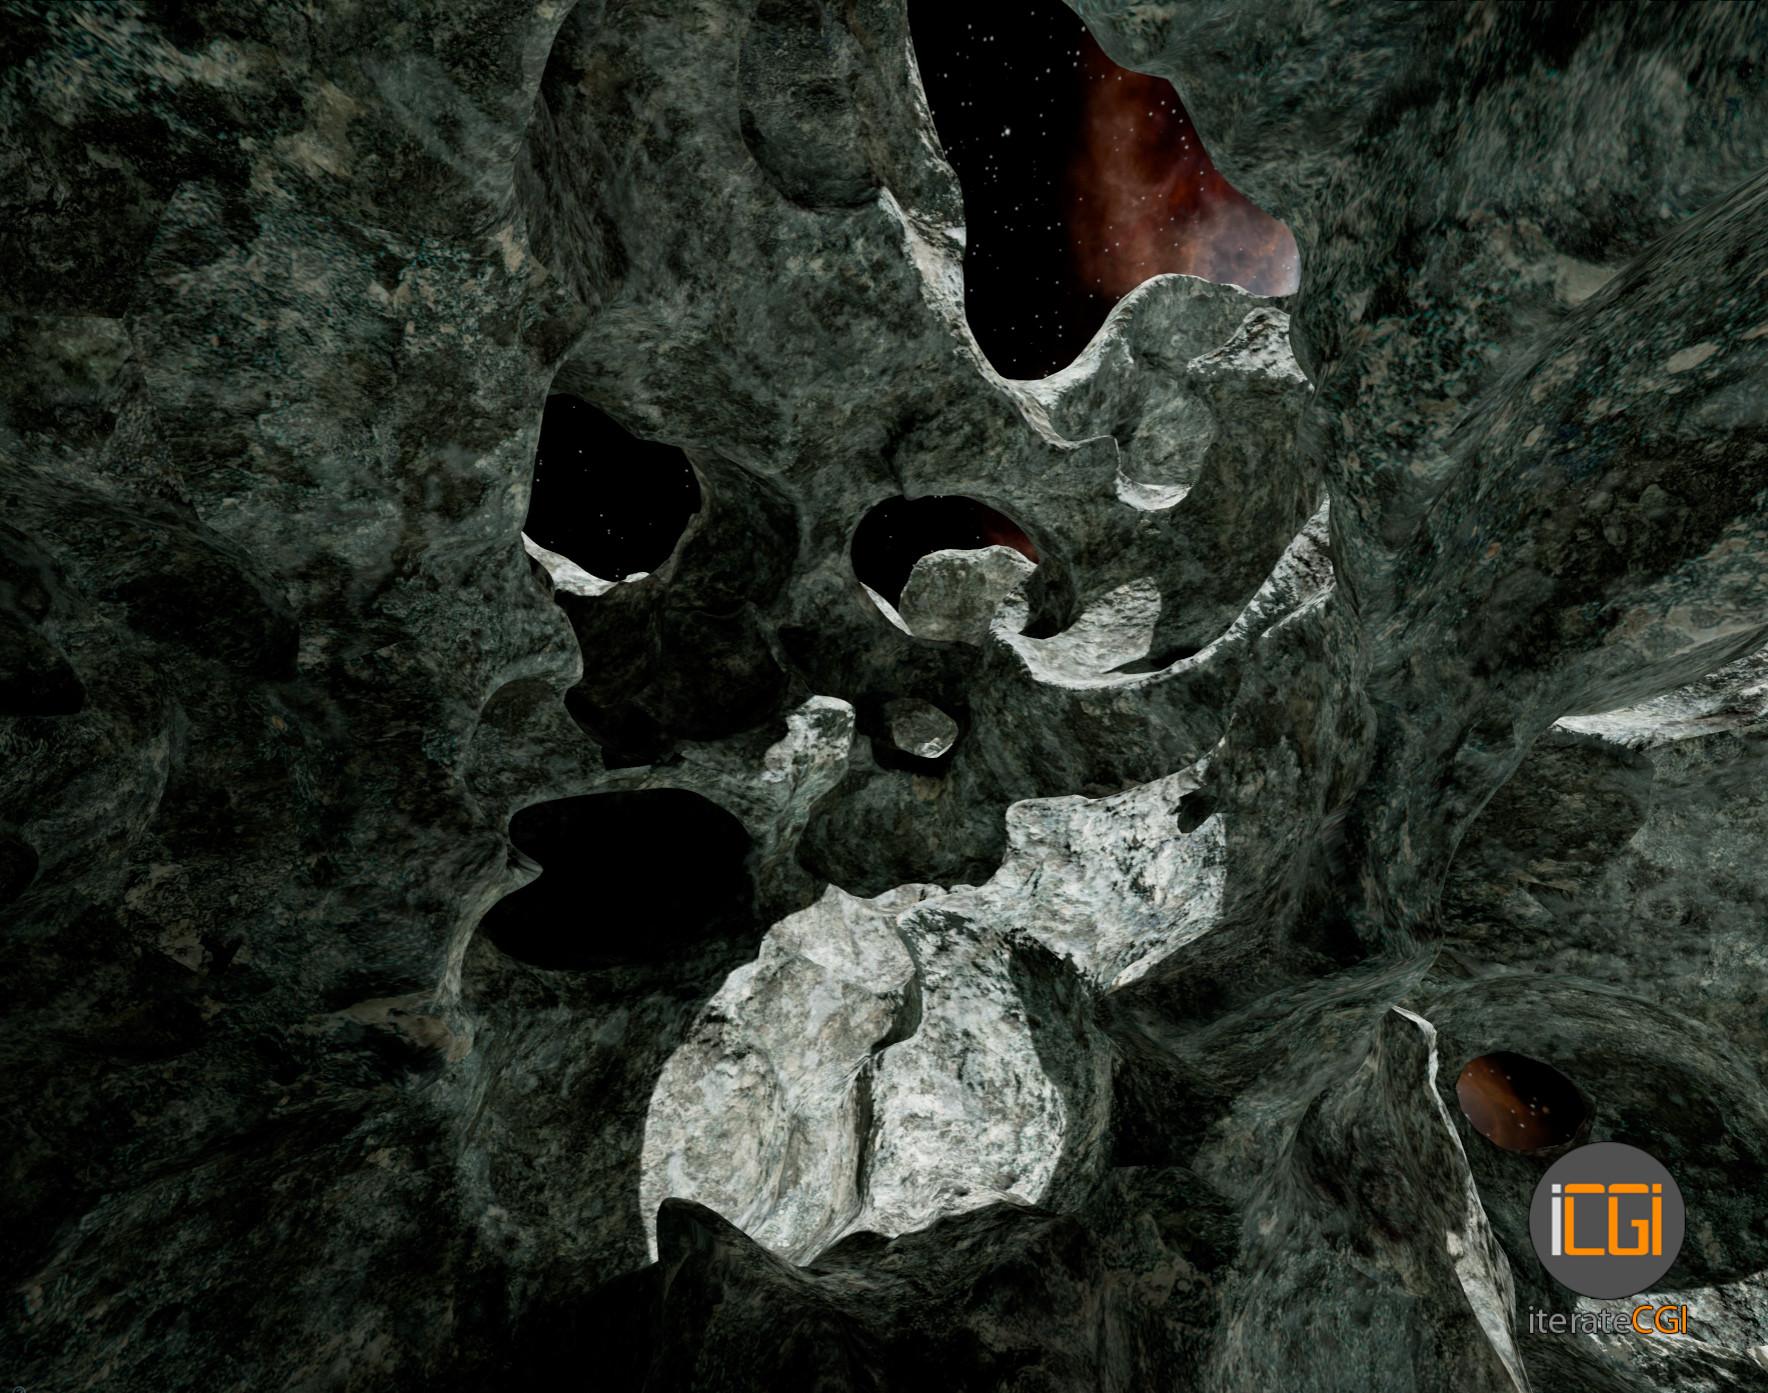 Johan de leenheer 3d asteroid game model 14